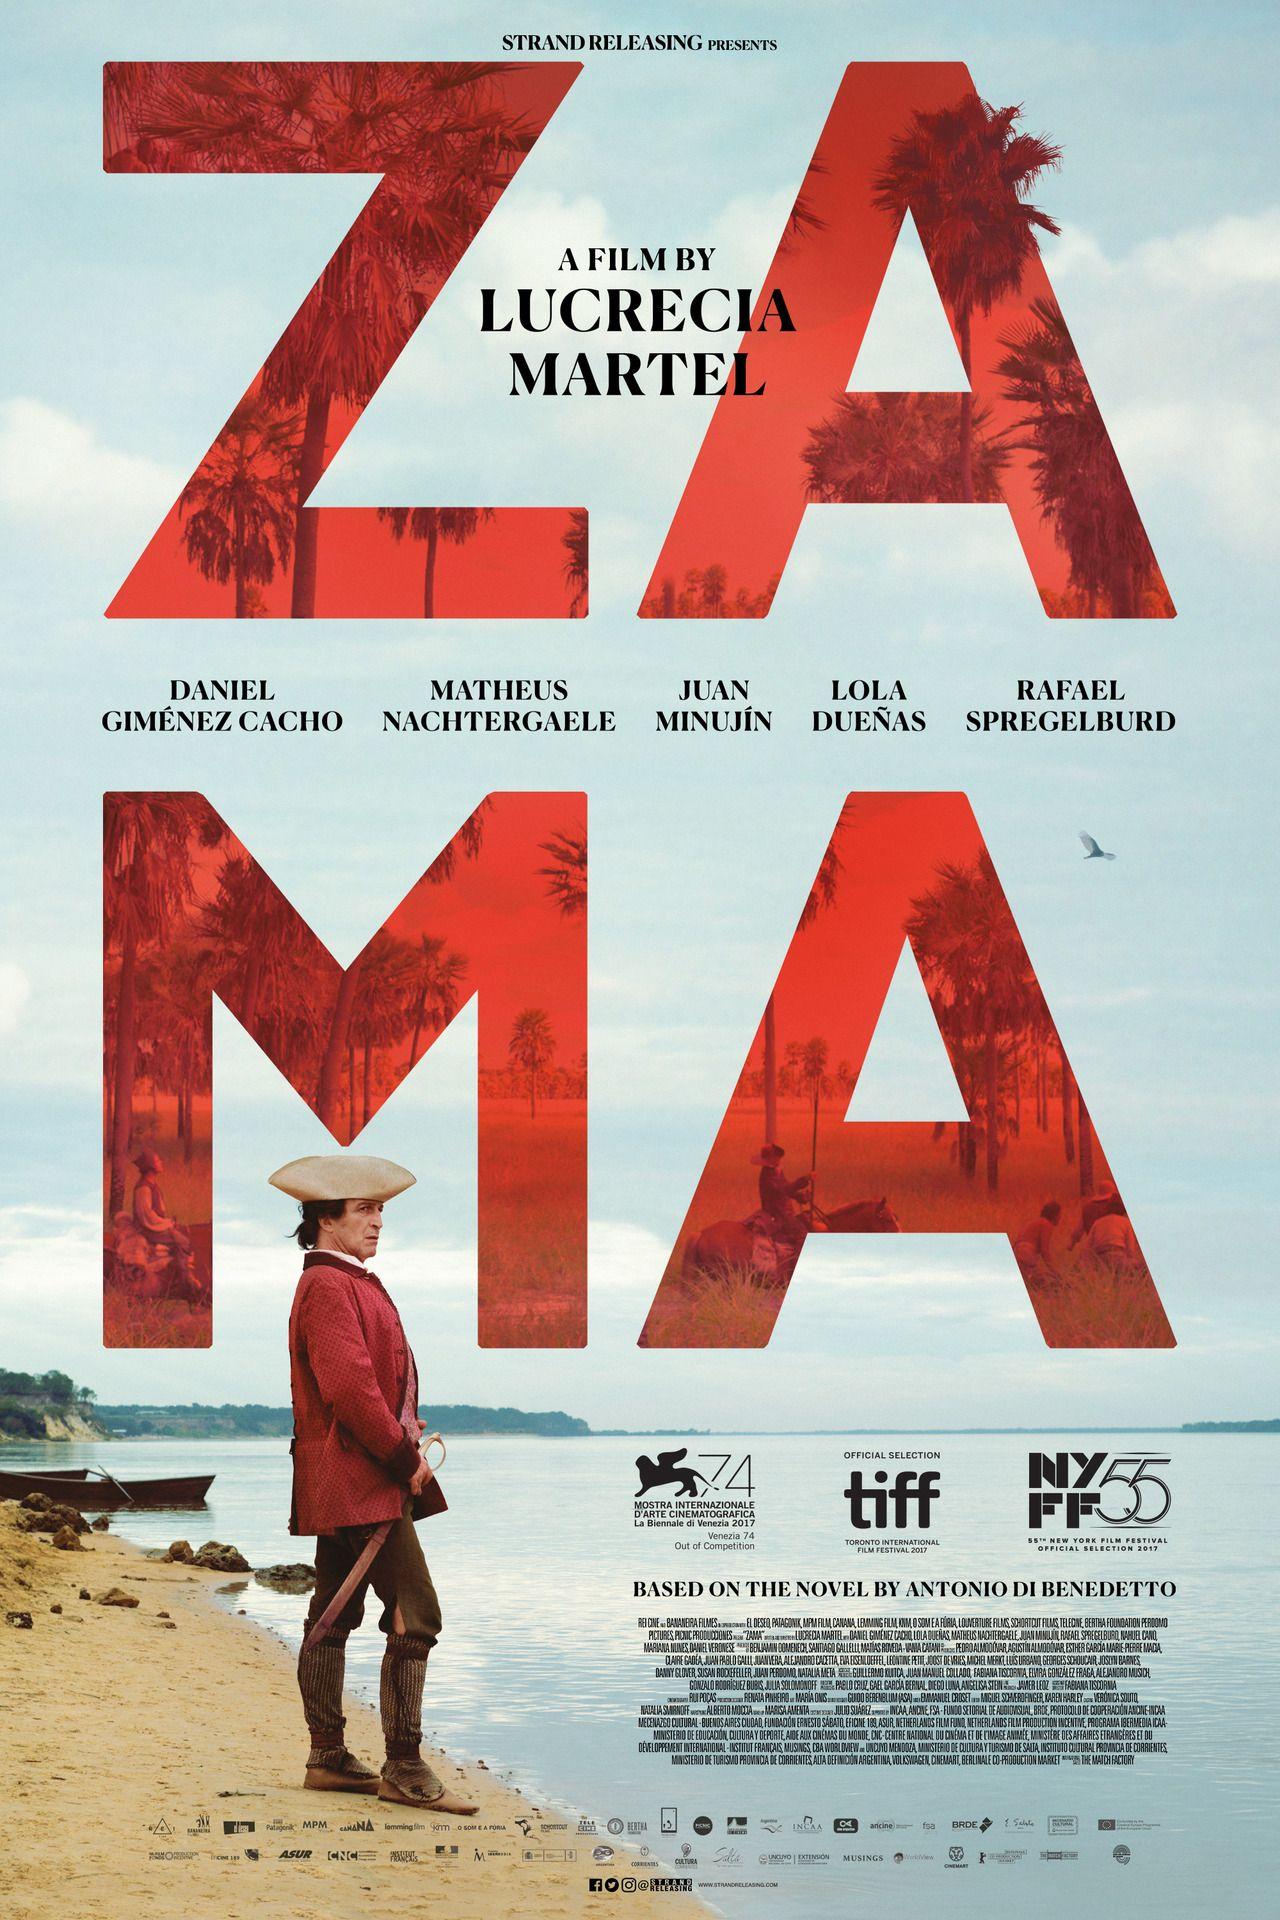 Cartazes De Cinema Filmes Completos Filmes Completos Online